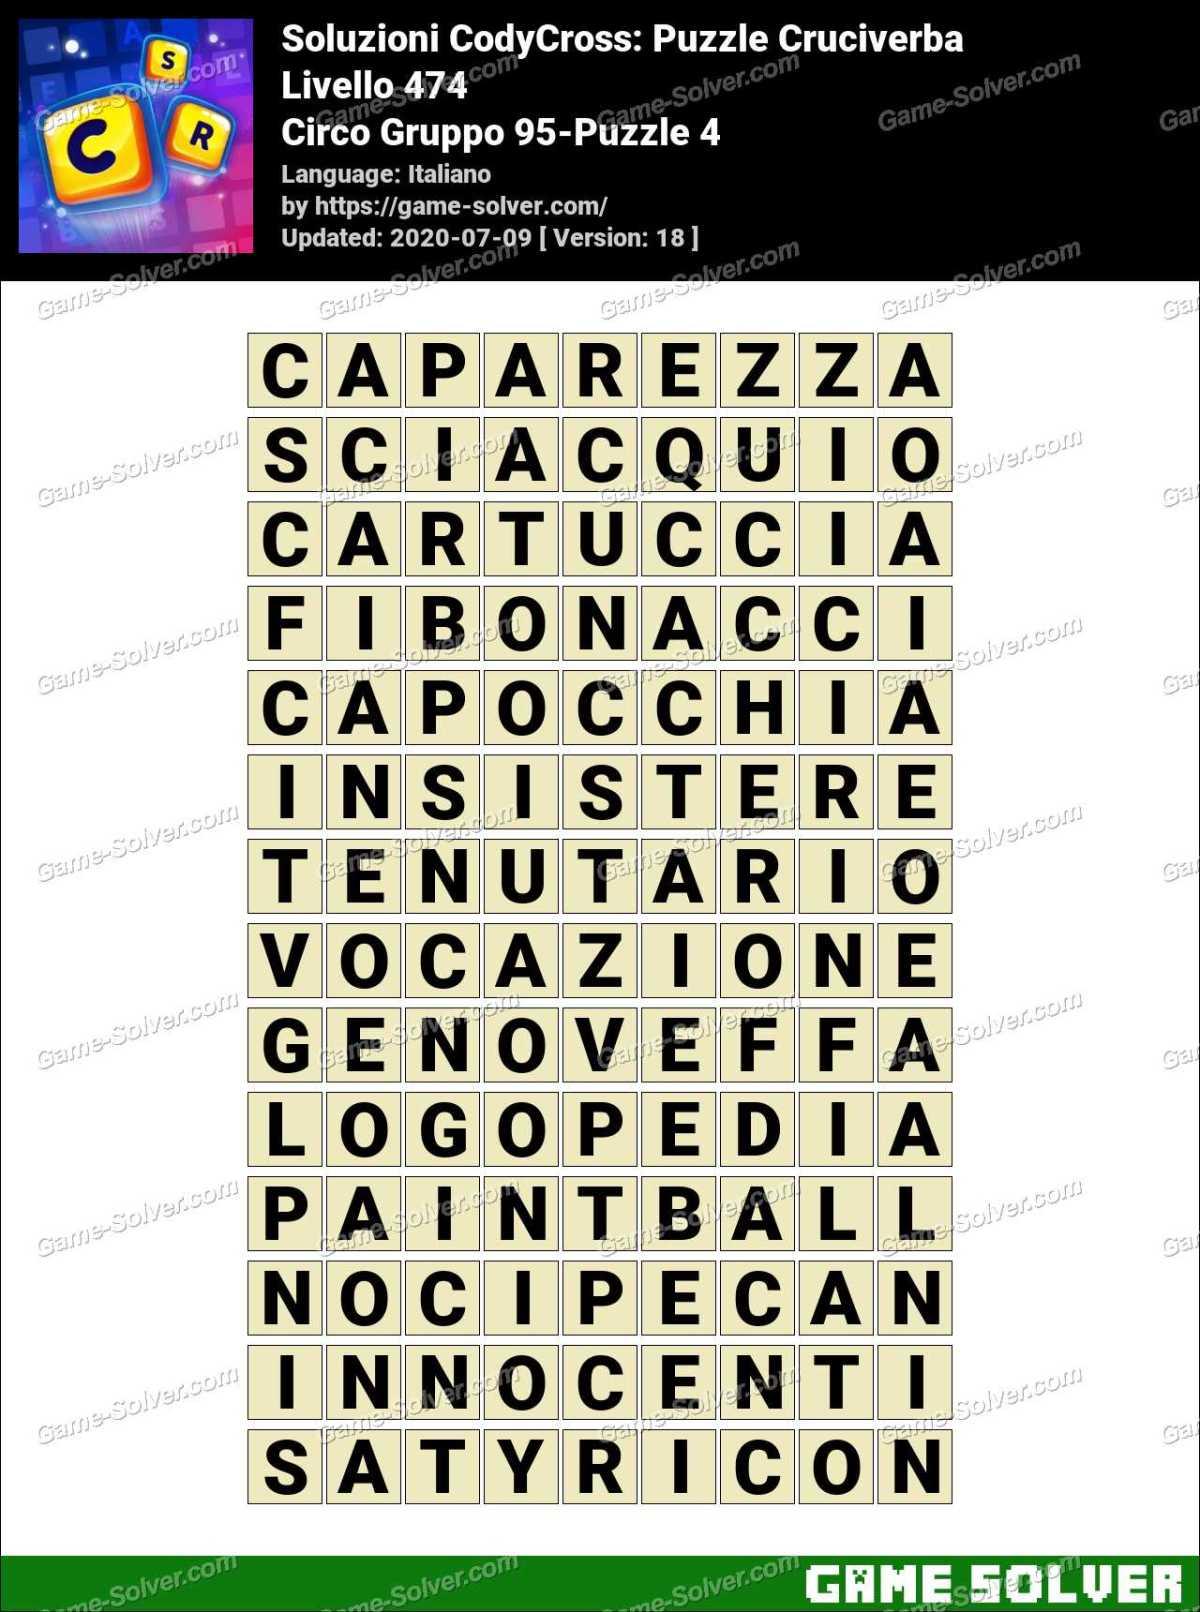 Soluzioni CodyCross Circo Gruppo 95-Puzzle 4